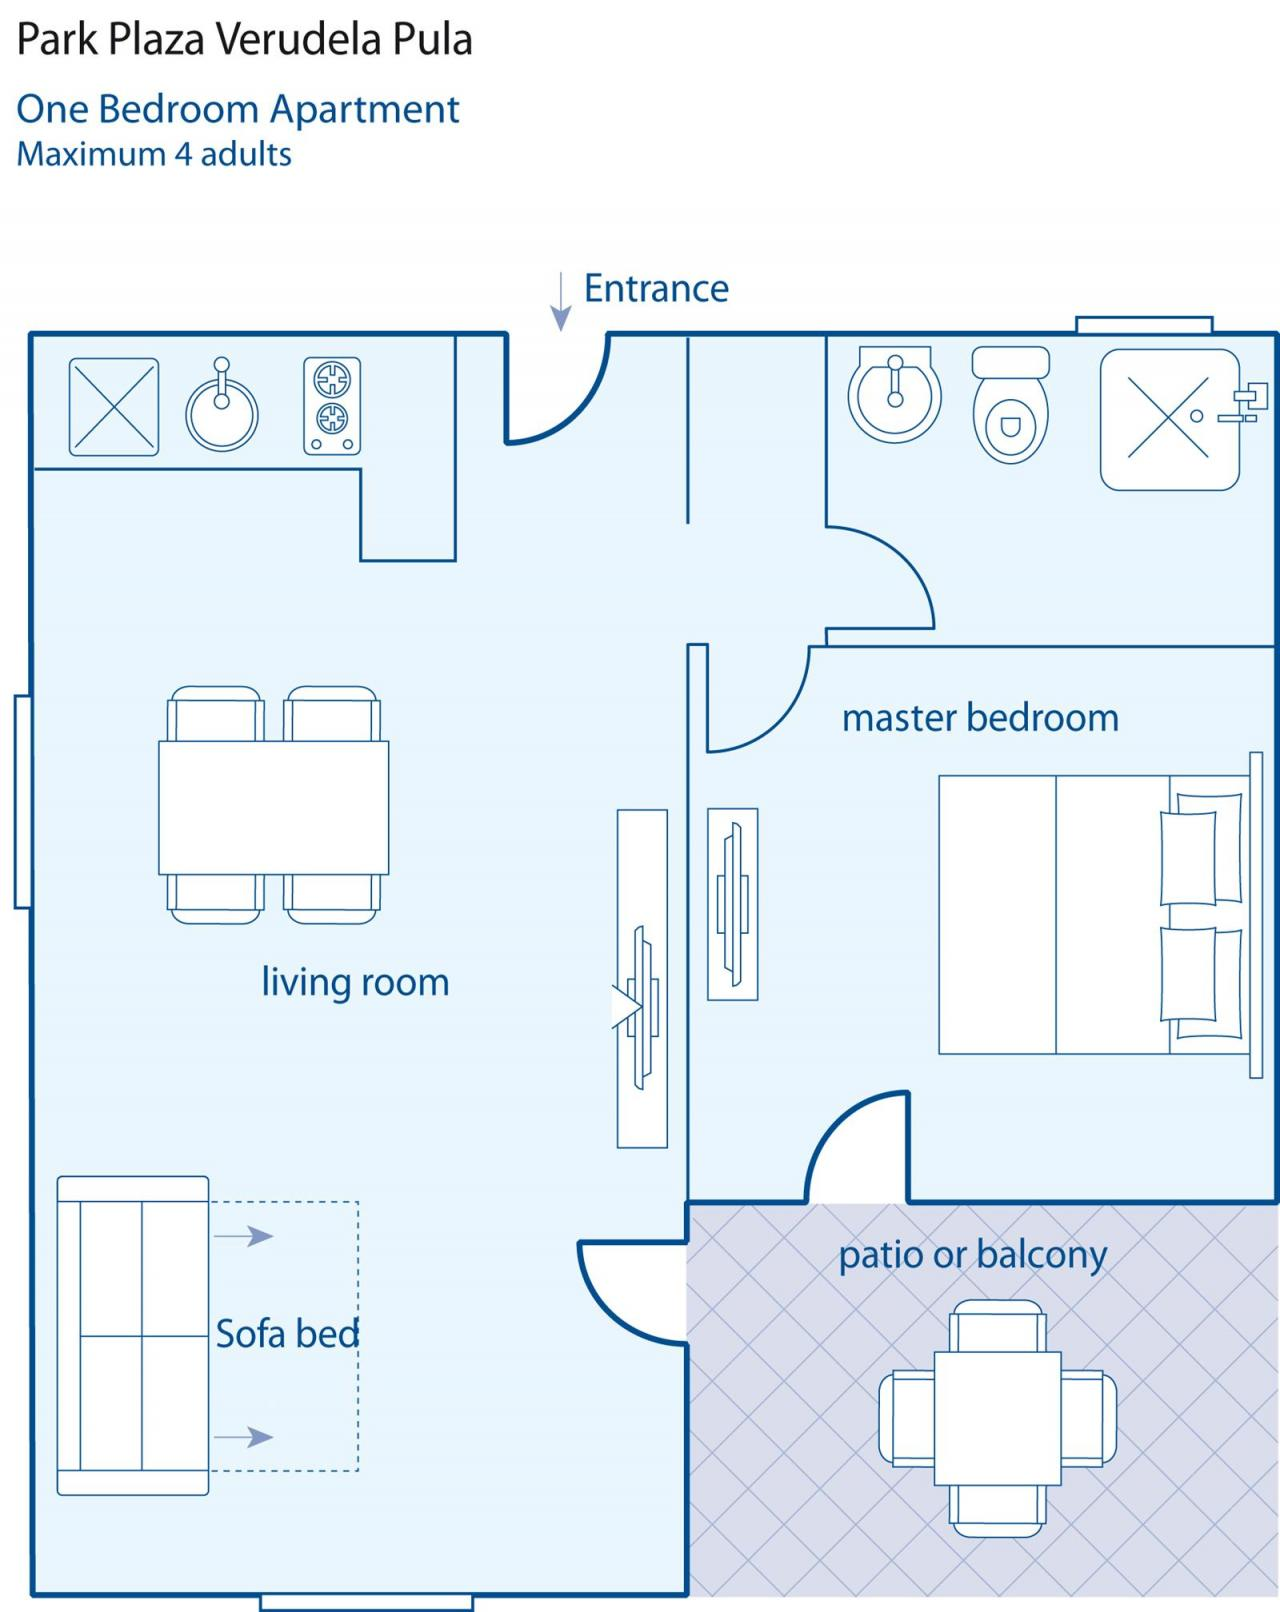 ferienanlage park plaza verudela pula a 2 4 objekt nr. Black Bedroom Furniture Sets. Home Design Ideas